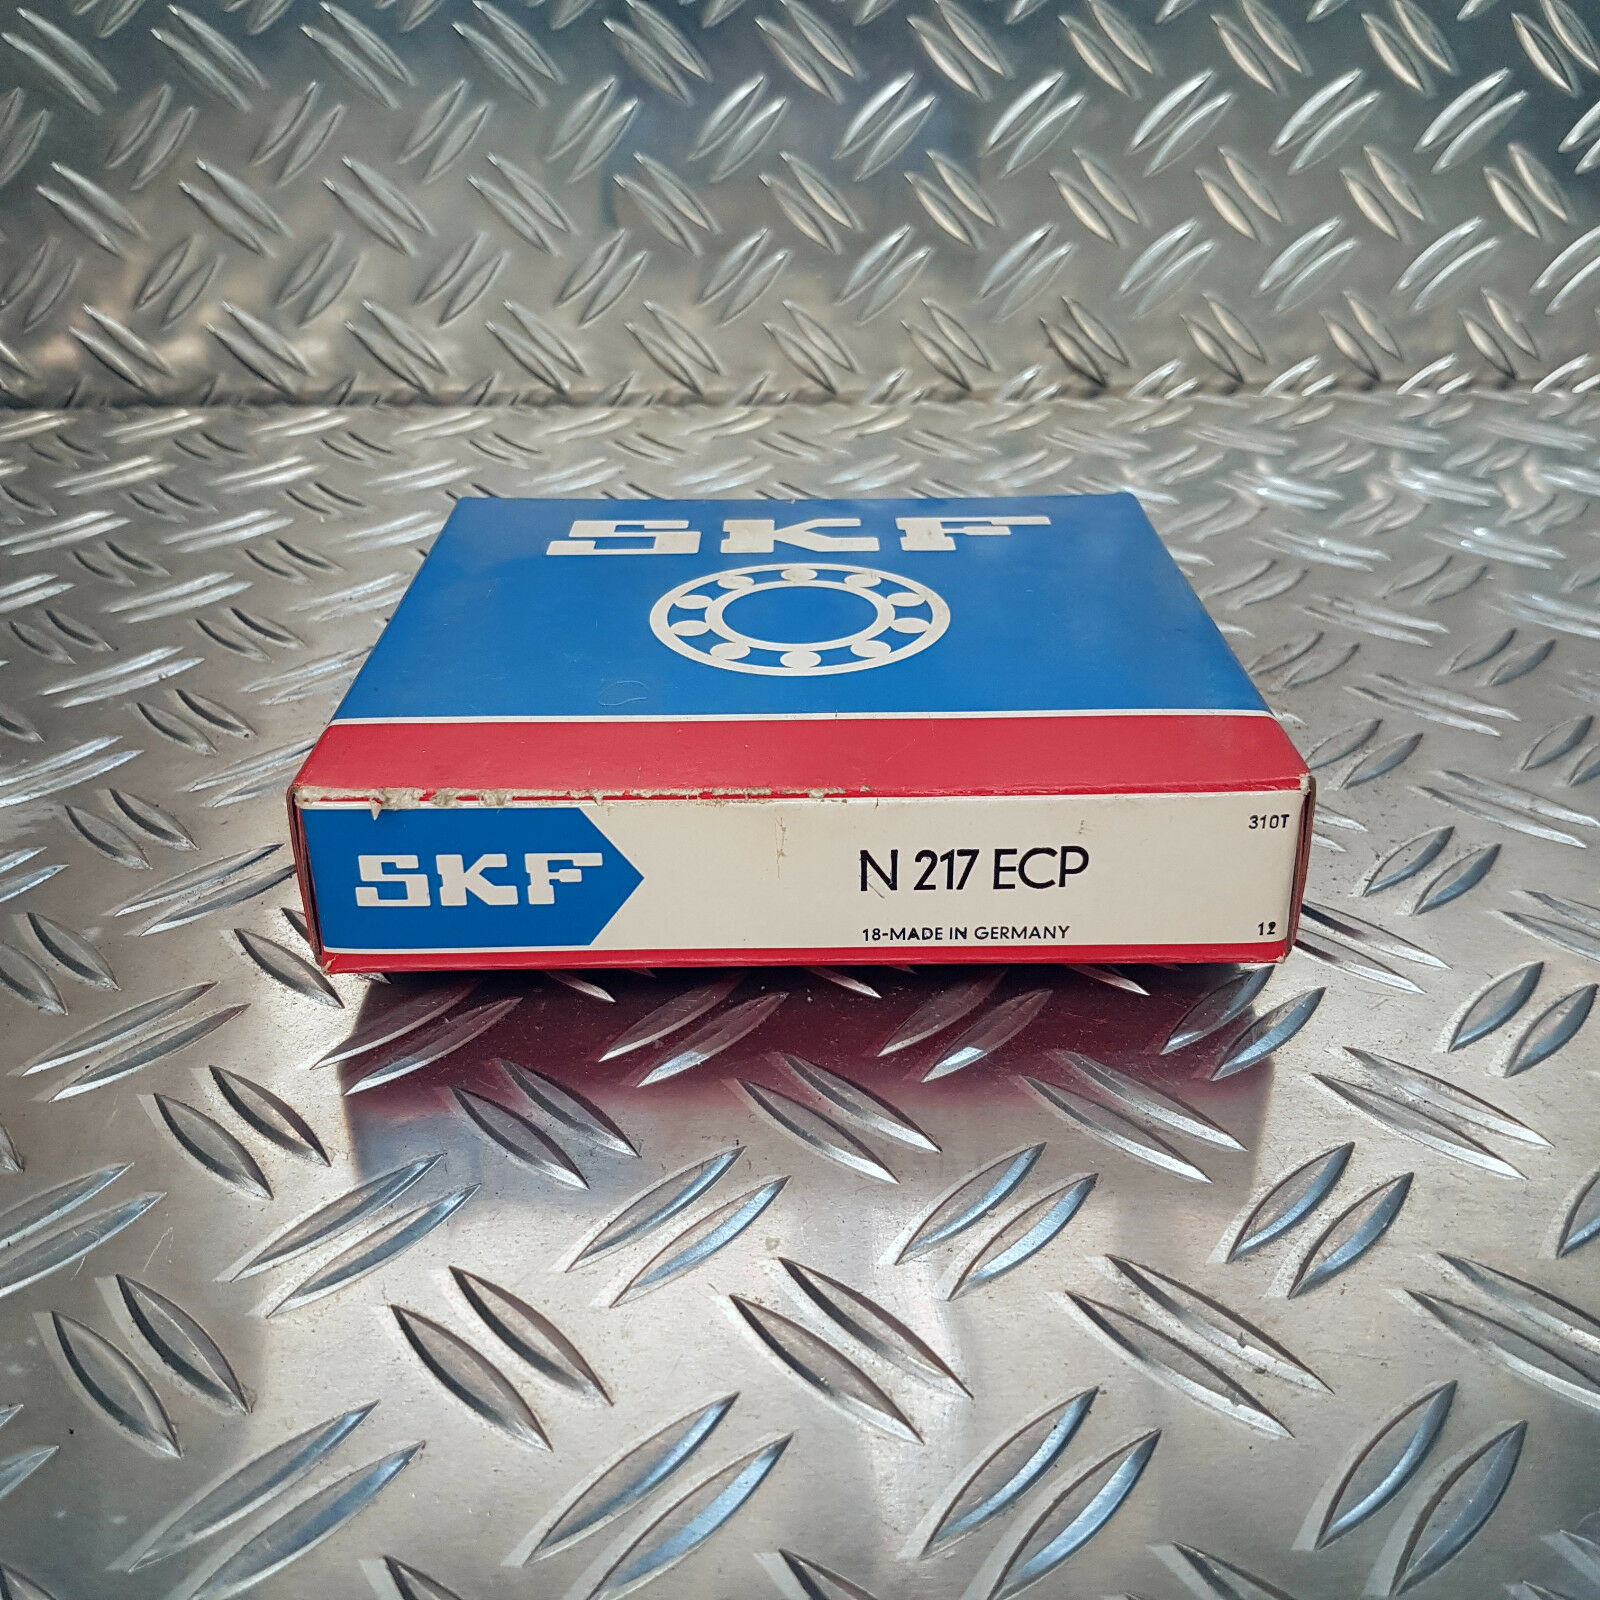 Original SKF Zylinderrollenlager  N 217 ECP vom SKF-Grünragshändler | Smart  | Online Shop  | Leicht zu reinigende Oberfläche  | Haben Wir Lob Von Kunden Gewonnen